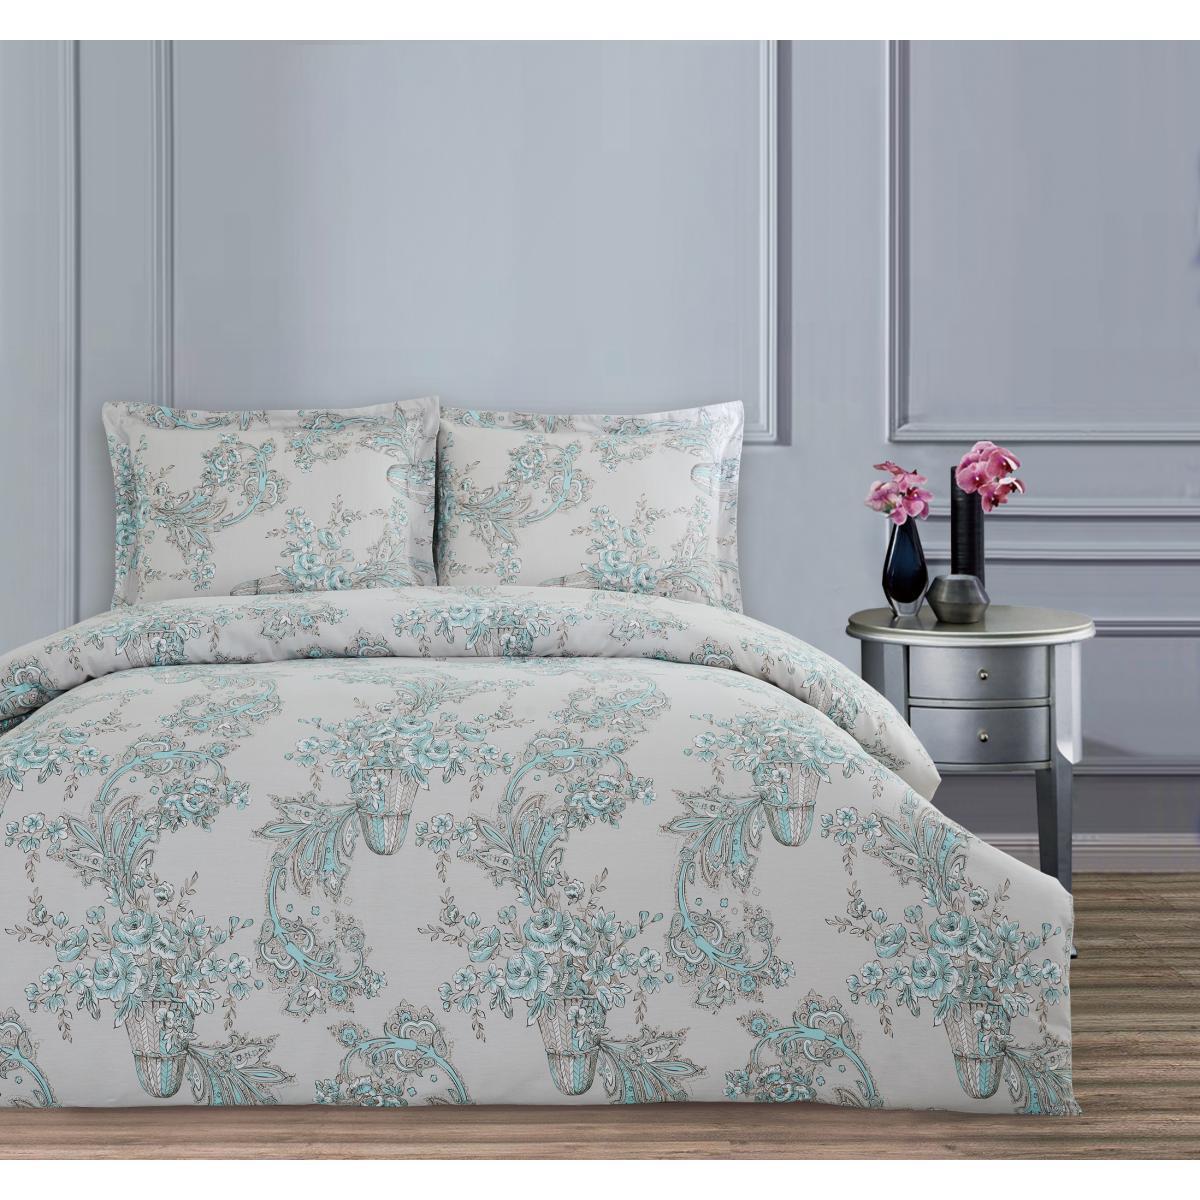 Комплект постельного белья Arya двуспальный Simple Living Meyra 200х220 см. (A107001)